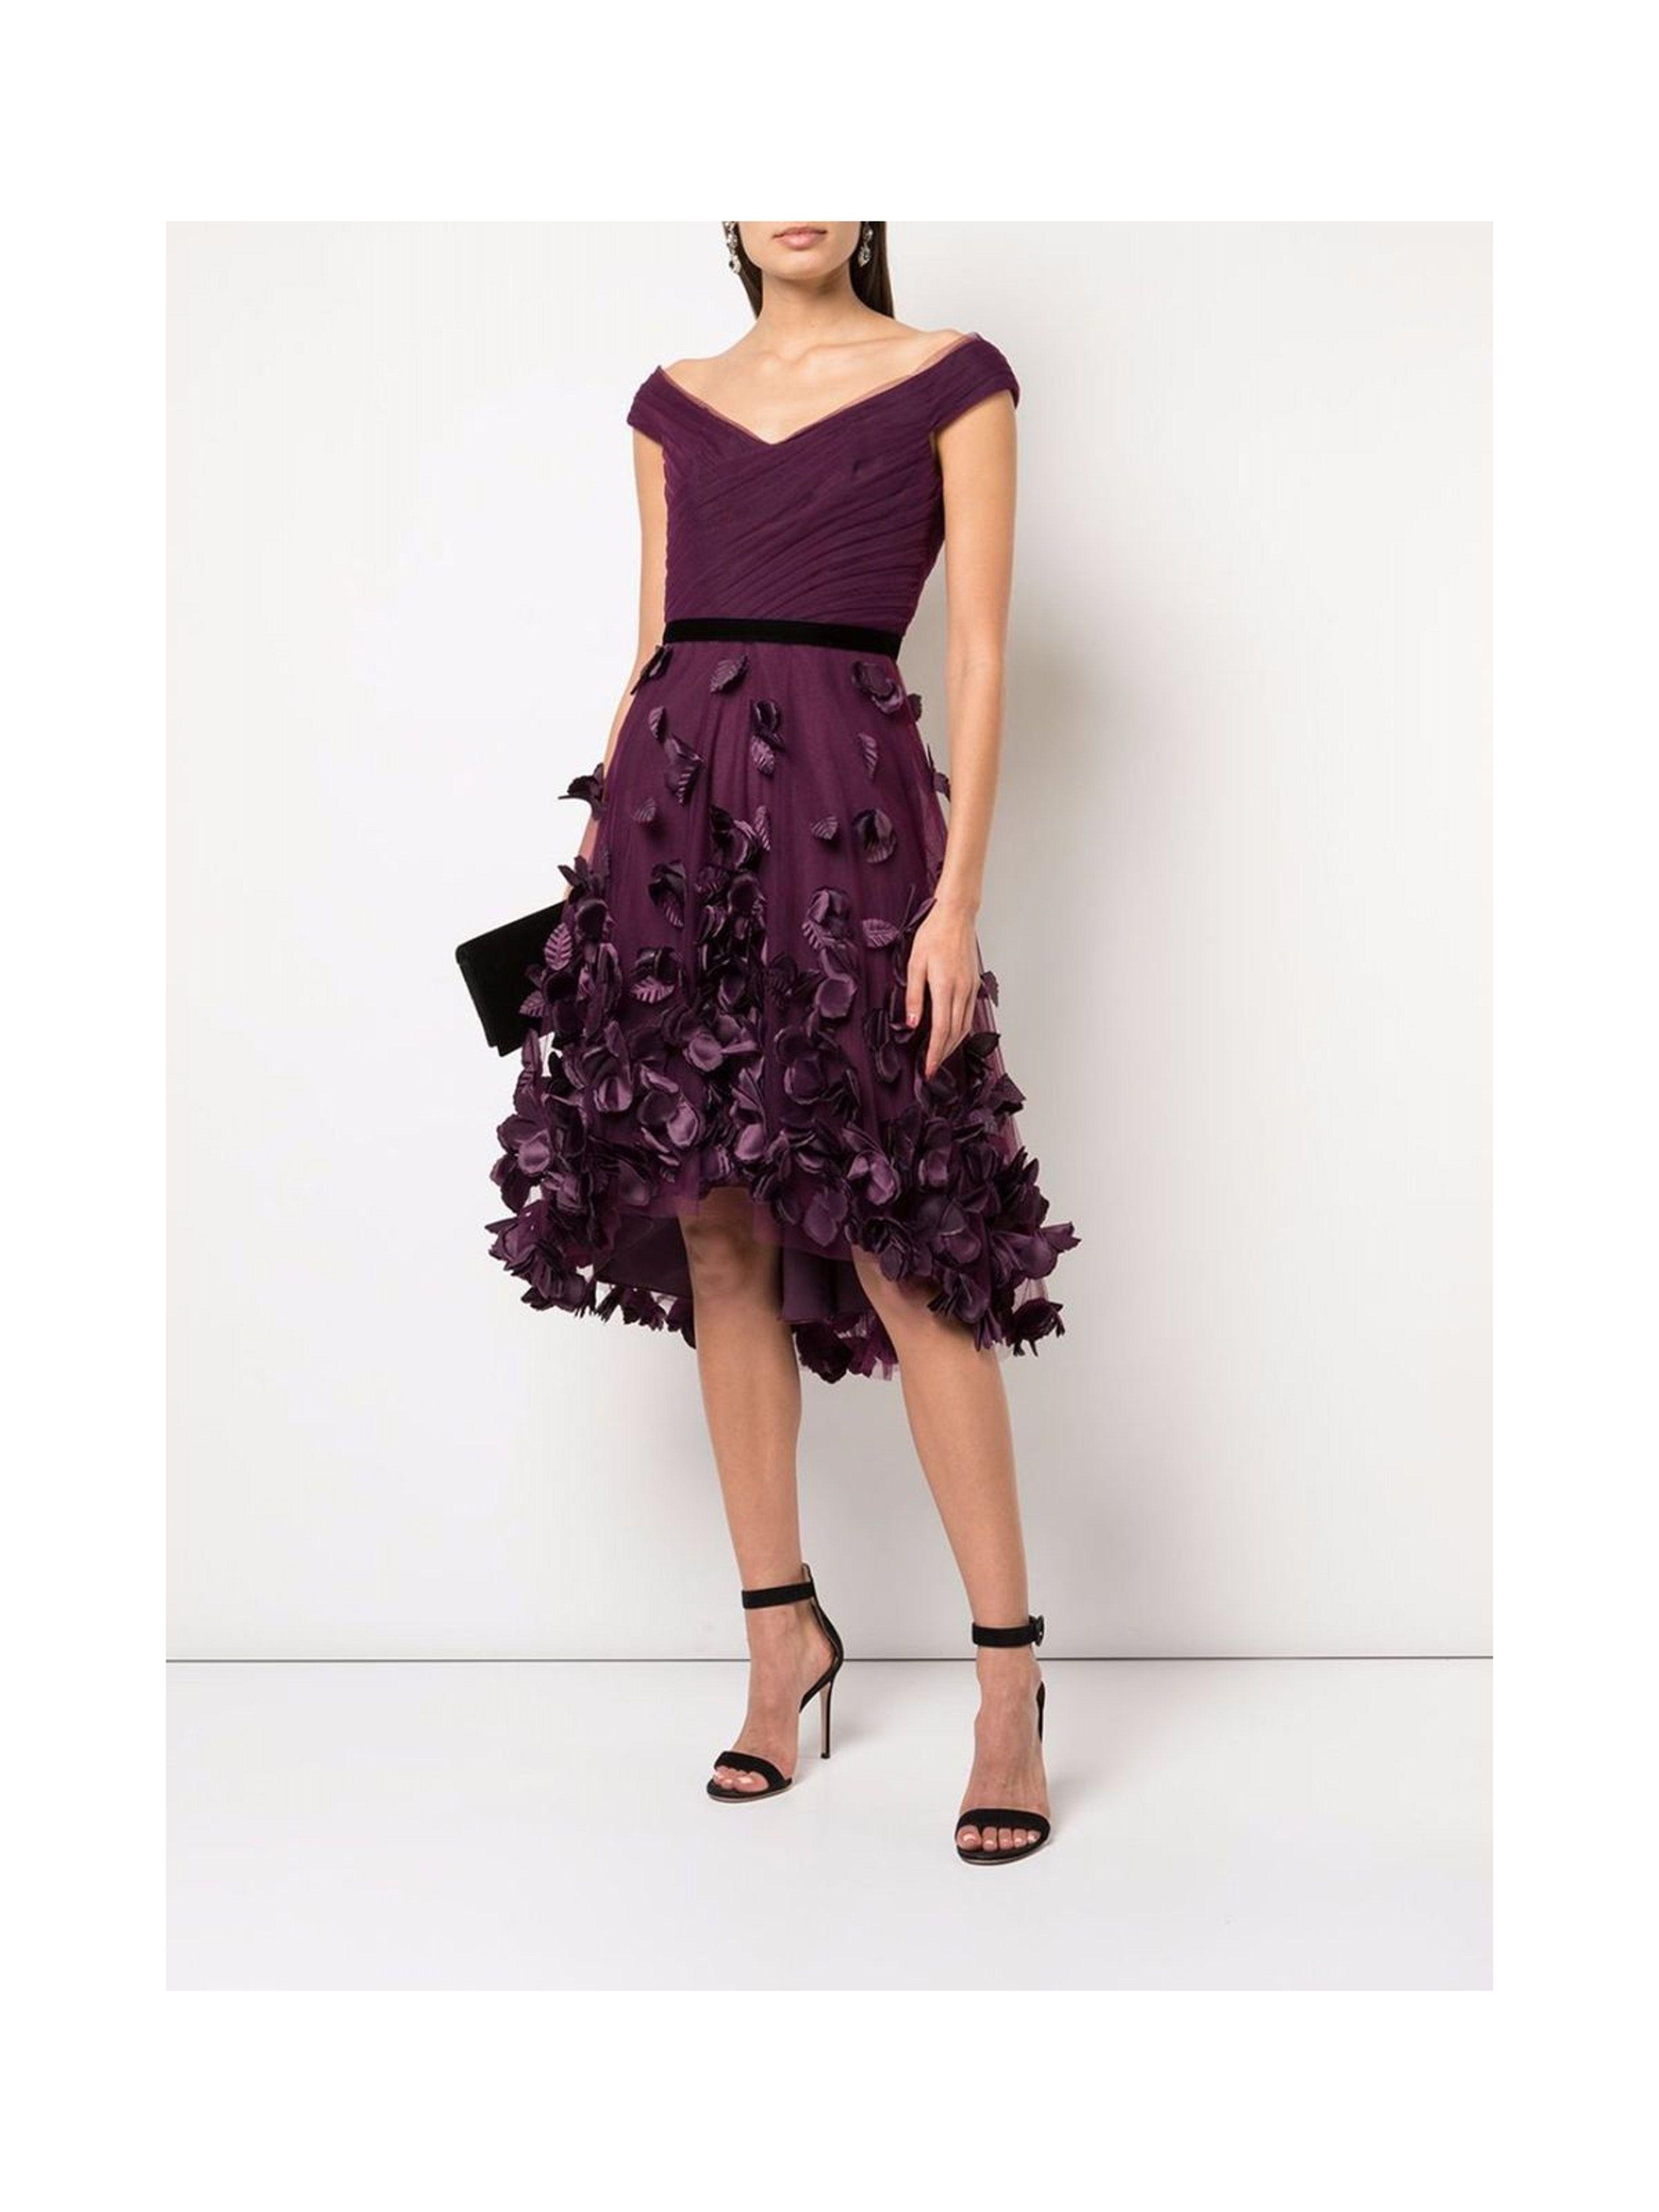 Marchesa Notte Draped 3d Floral Cocktail Dress In 2021 Fancy Cocktail Dresses Floral Cocktail Dress Cocktail Dress [ 4000 x 3000 Pixel ]